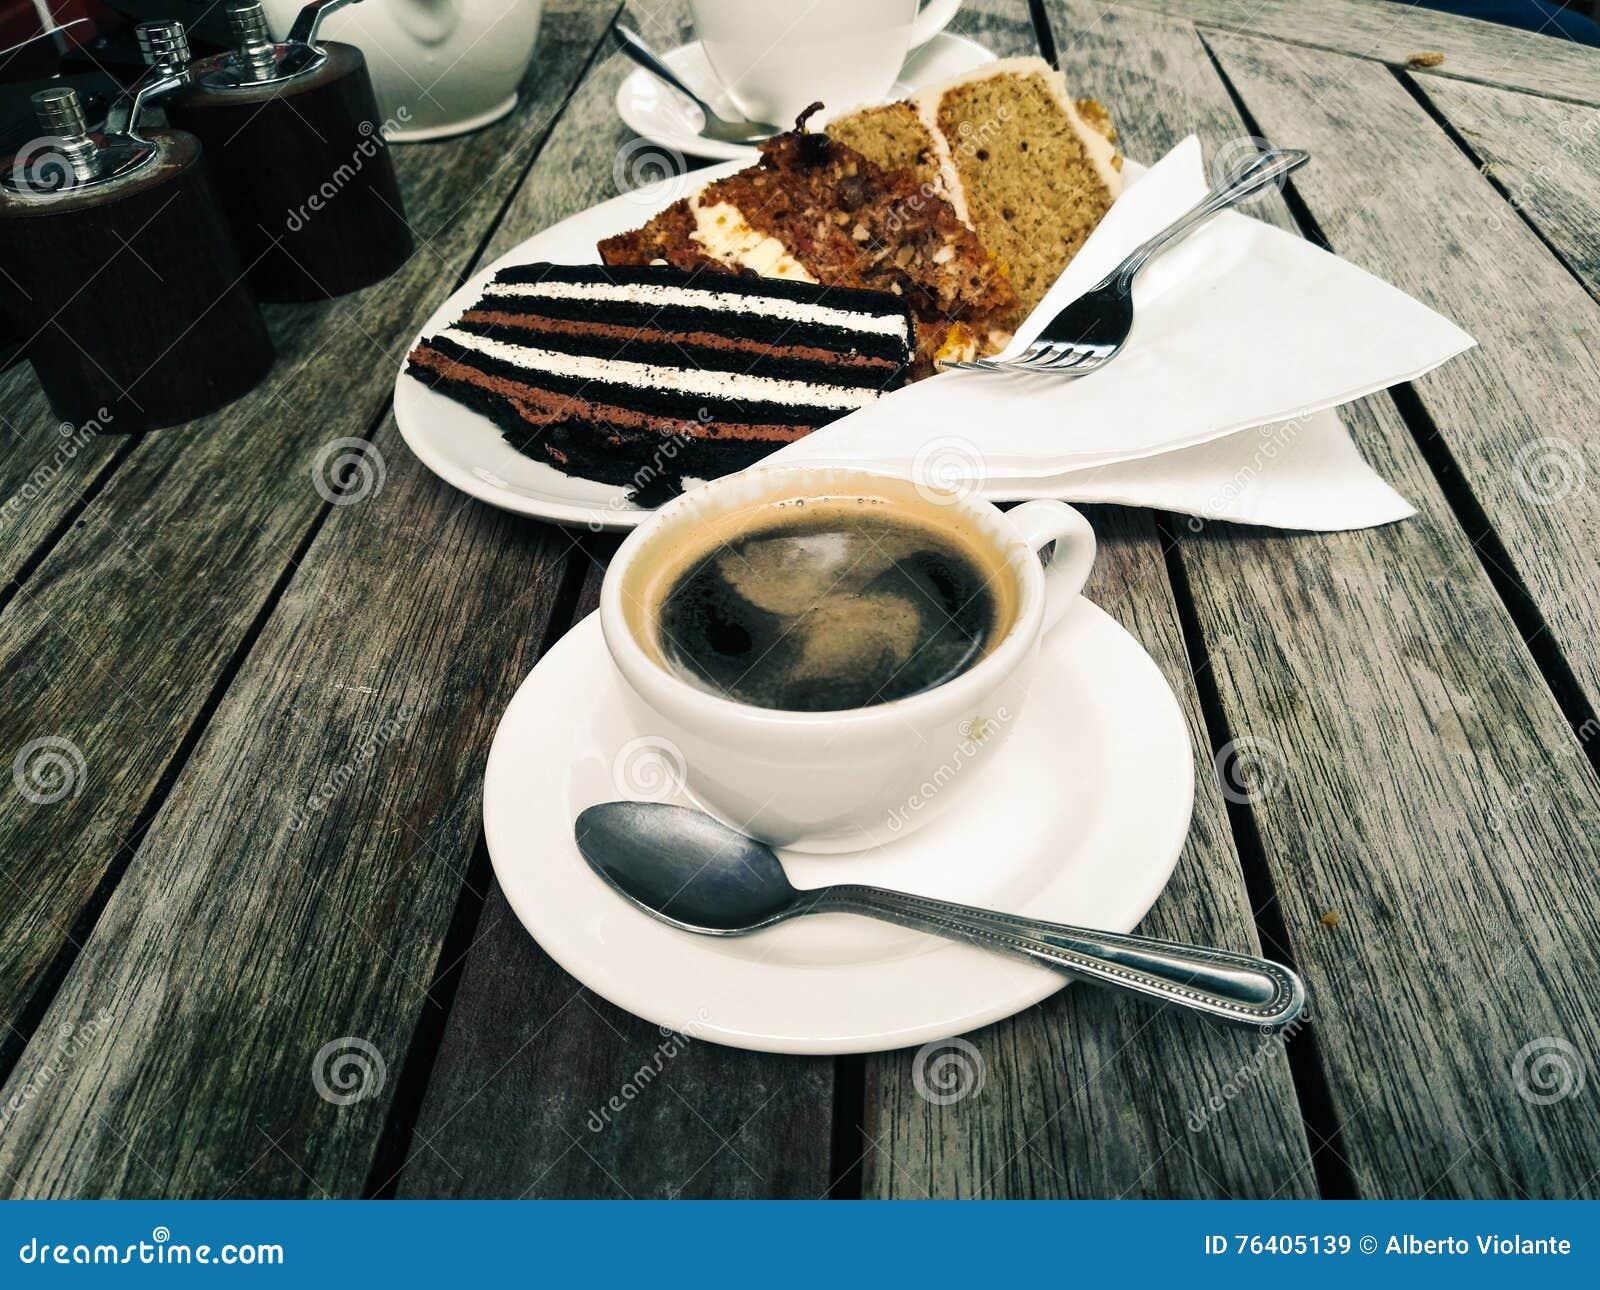 kaffee und kuchen stock fotos melden sie sich kostenlos an. Black Bedroom Furniture Sets. Home Design Ideas